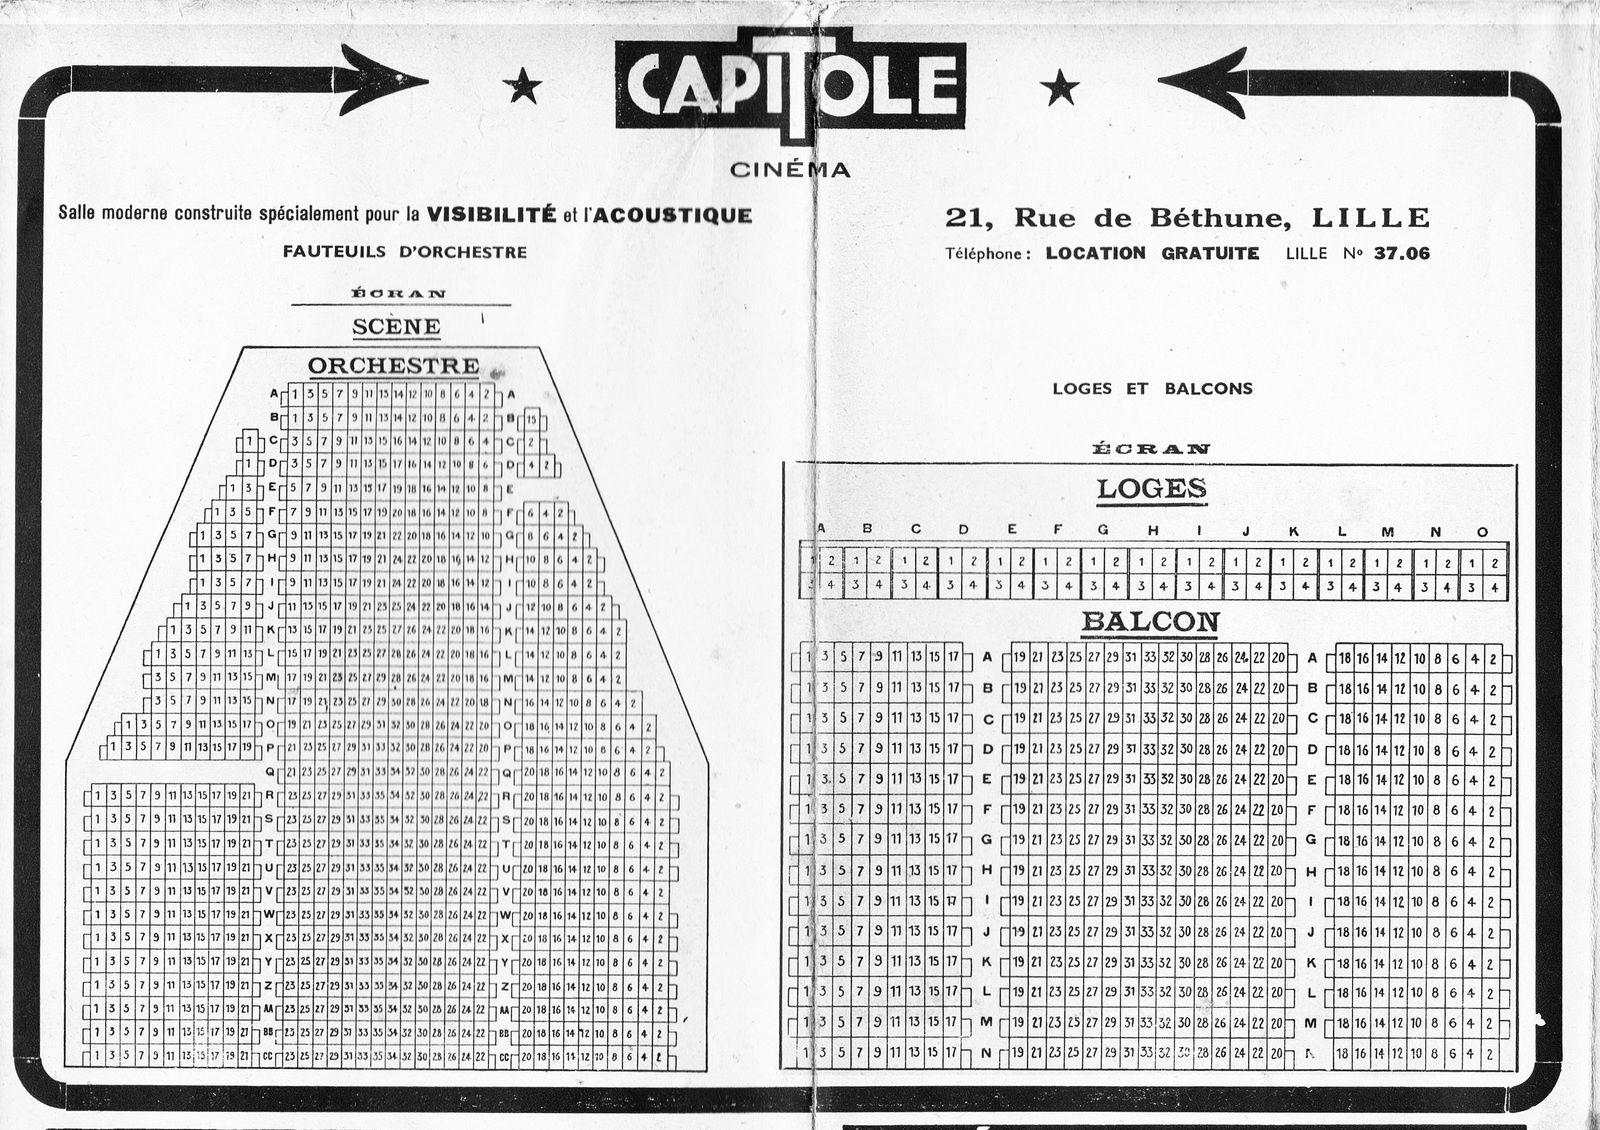 Le plan du Capitole à Lille